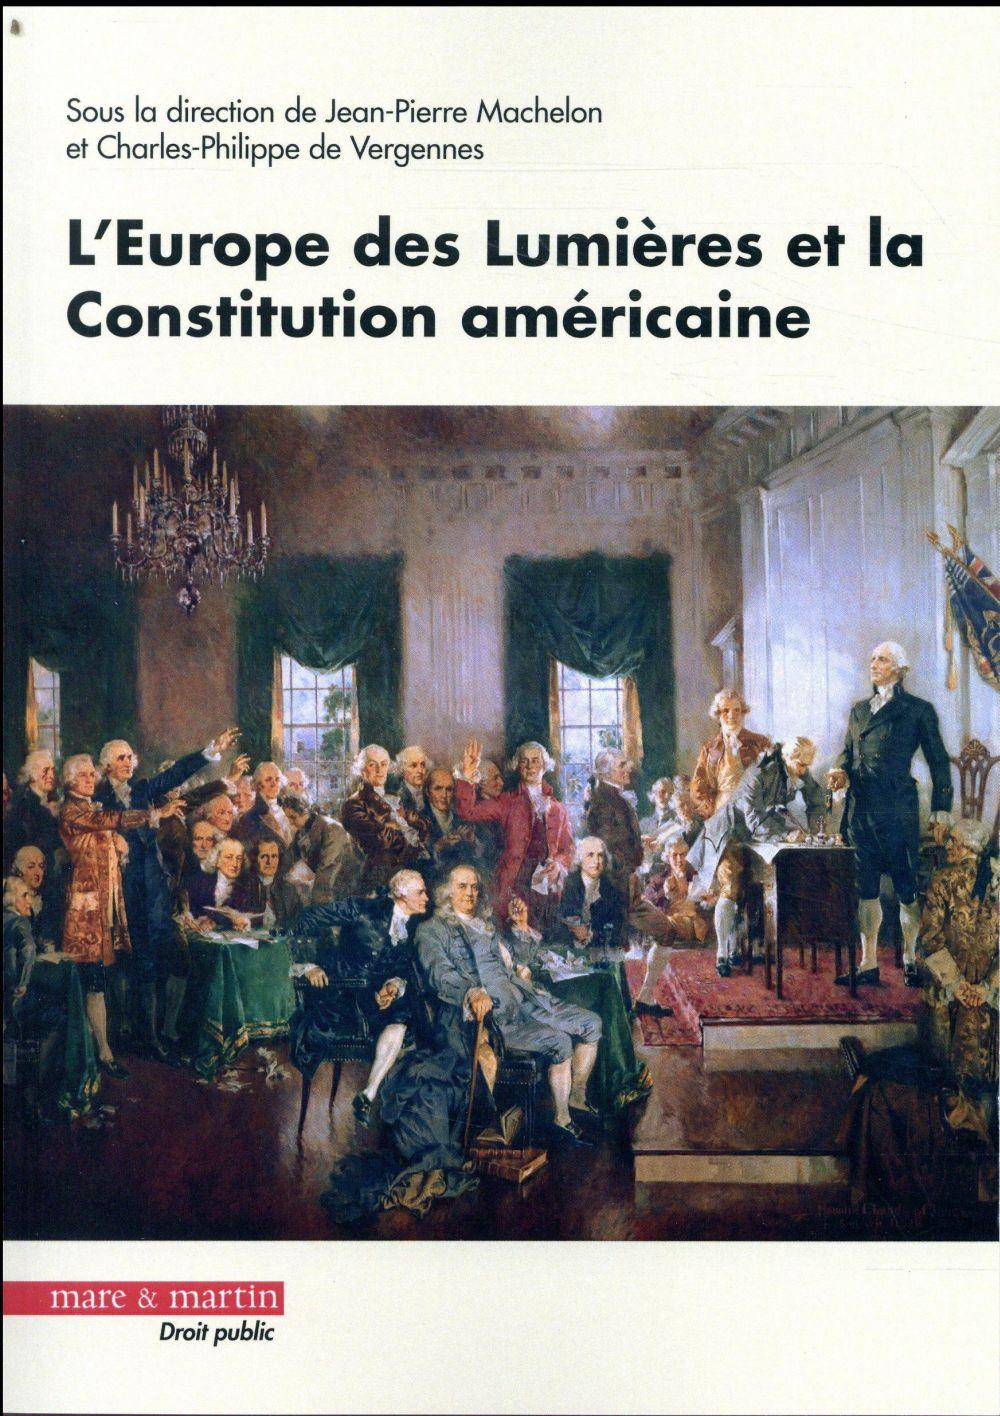 L'Europe des Lumières et la Constitution américaine